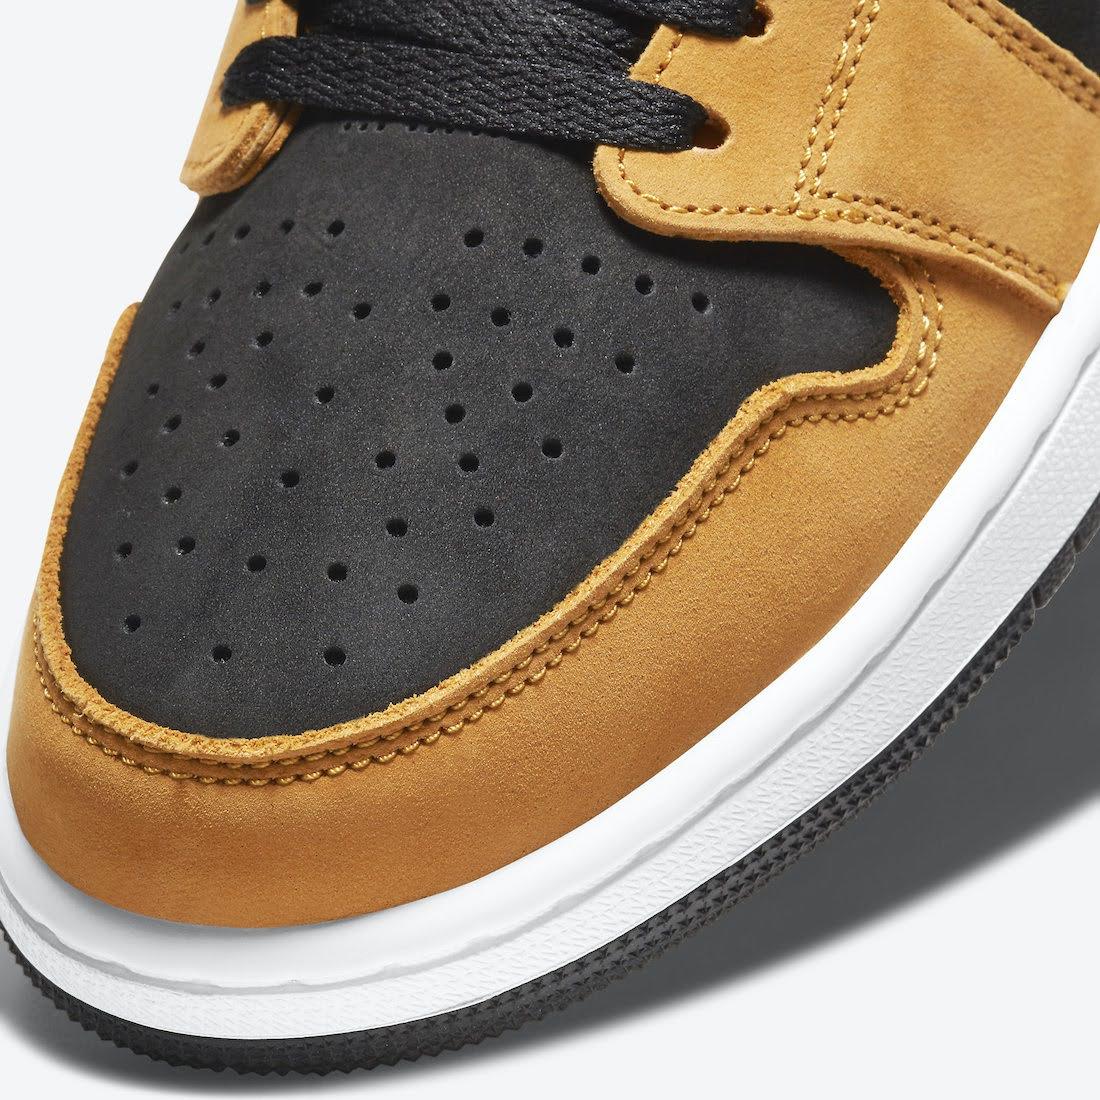 """ナイキ エア ジョーダン 1 ズーム コンフォート """"ブラックウィート"""" Nike-Air-Jordan-1-Zoom-Comfort-Black-Wheat-CT0978-002-side2ナイキ エア ジョーダン 1 ズーム コンフォート """"ブラックウィート"""" Nike-Air-Jordan-1-Zoom-Comfort-Black-Wheat-CT0978-002-toe-closeup"""